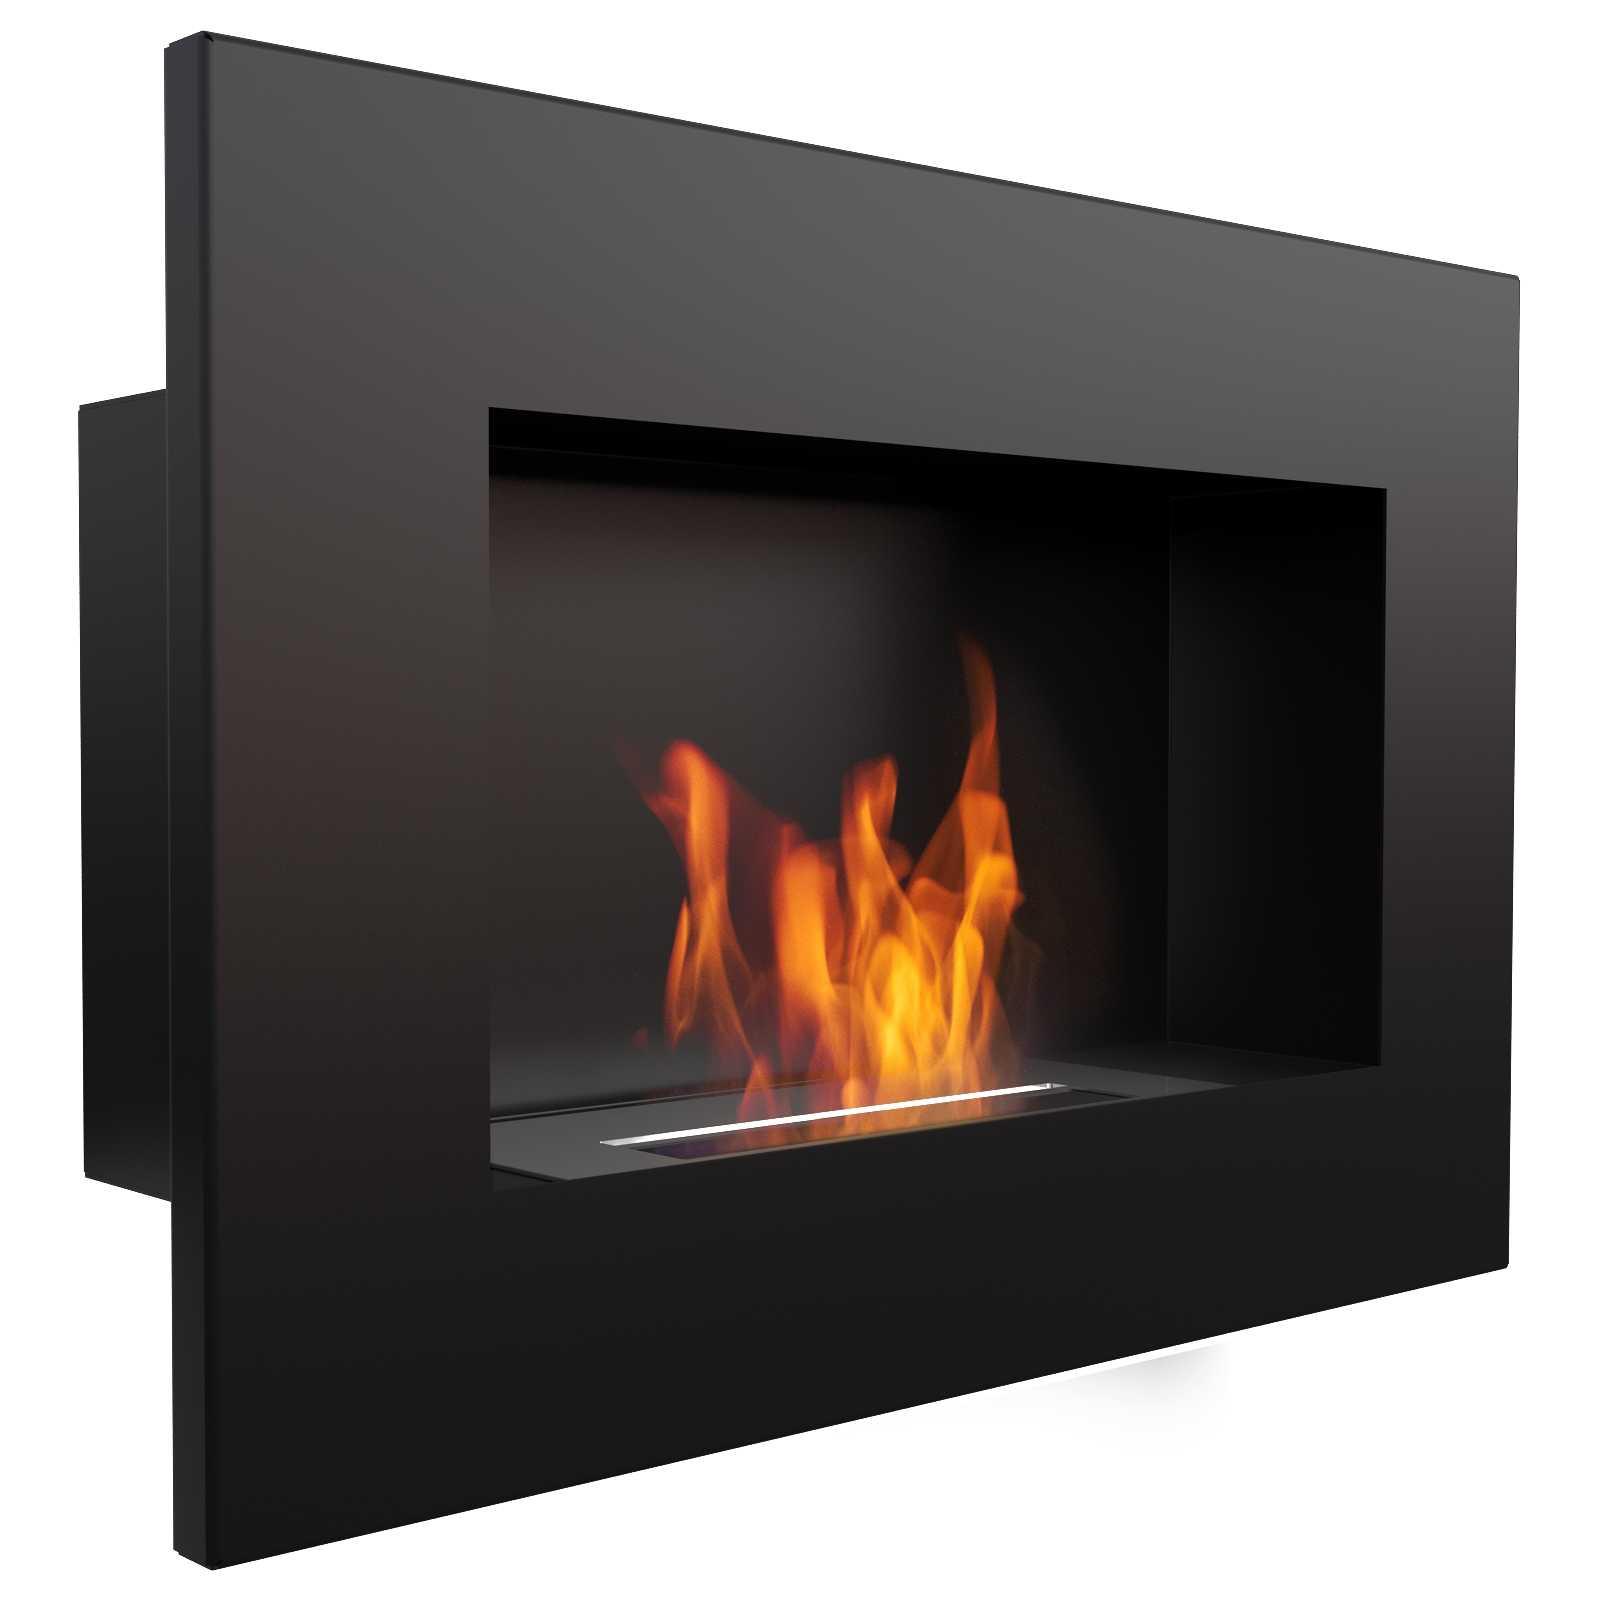 bioethanol wandkamin delta schwarz 1 0 kw 600 mm lang. Black Bedroom Furniture Sets. Home Design Ideas